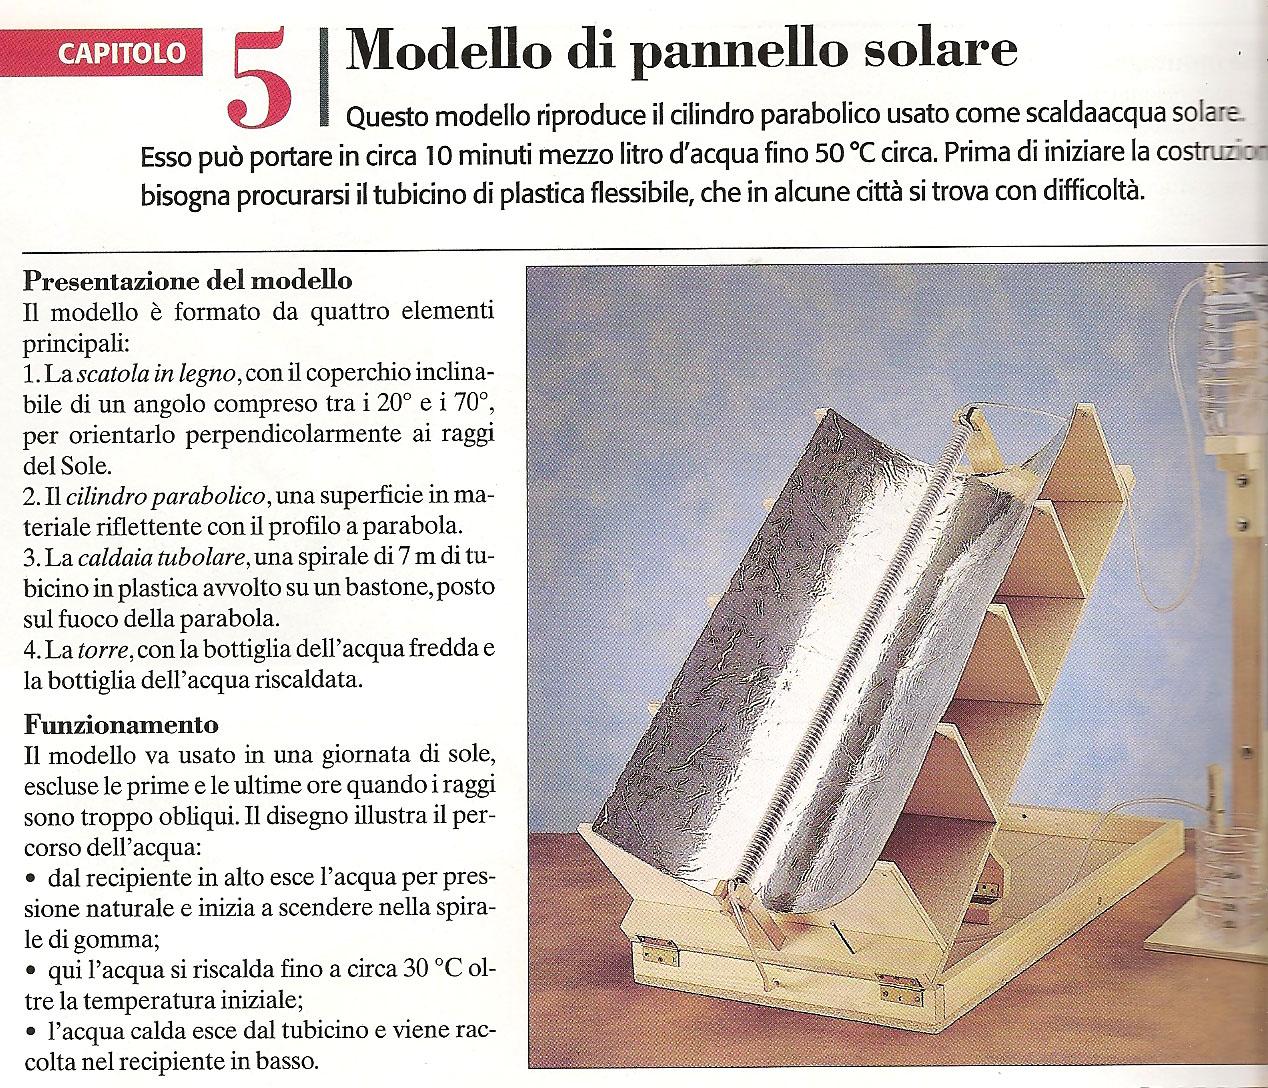 Pannello Solare Disegno Zara : Articoli recenti a scuola di tecnologia studiare il